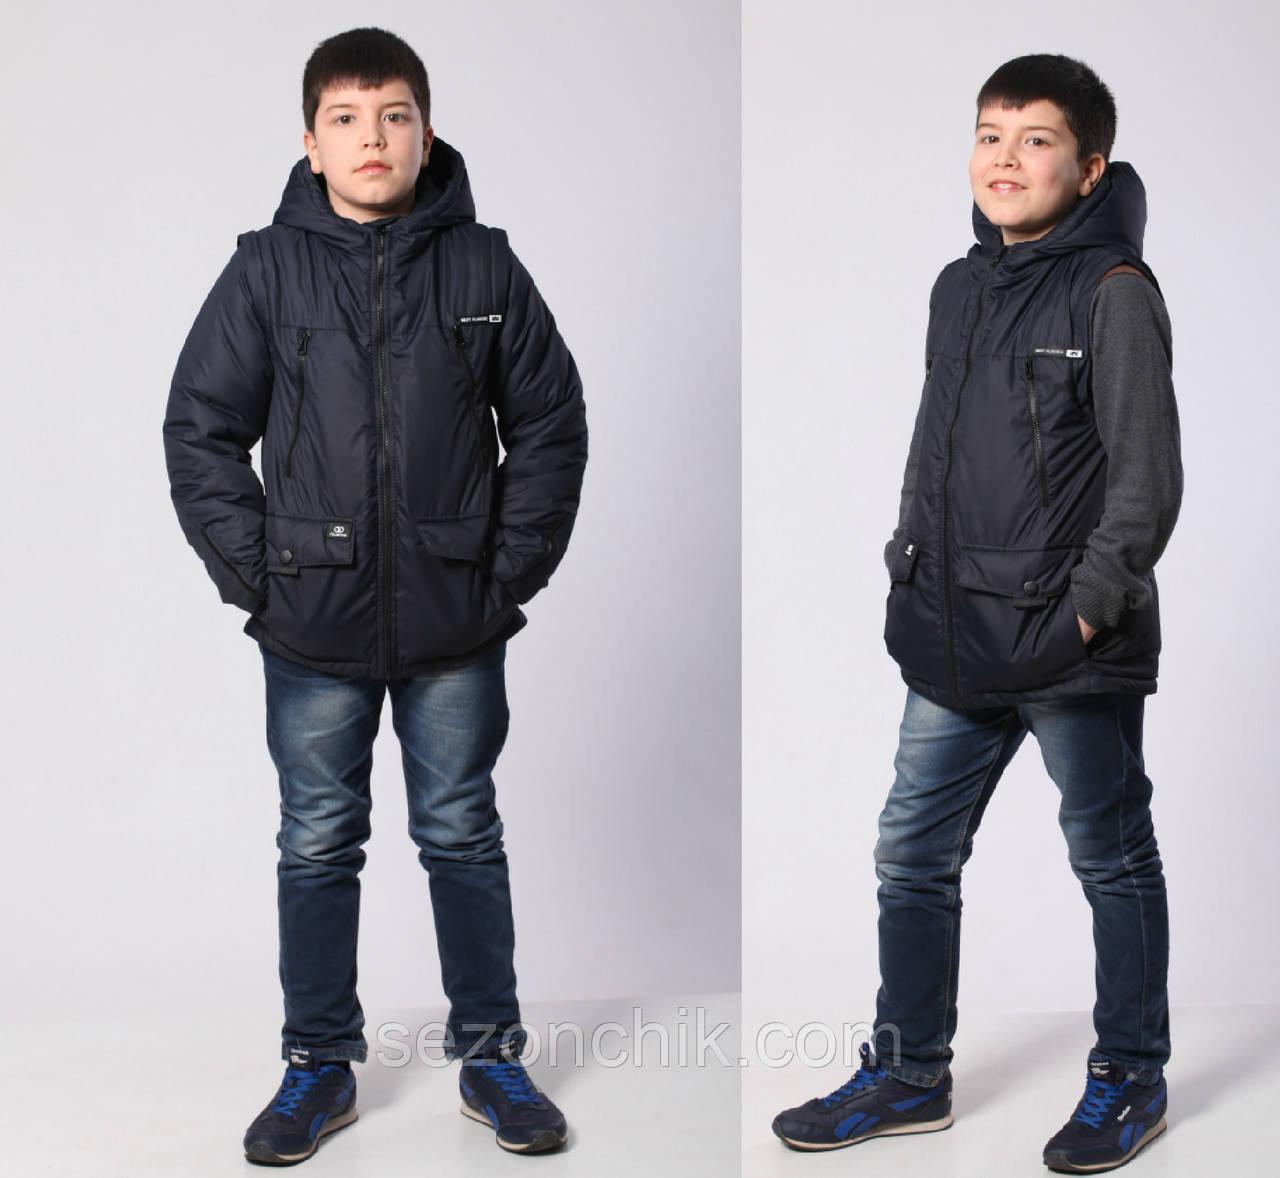 Куртки жилетки на мальчика весна осень